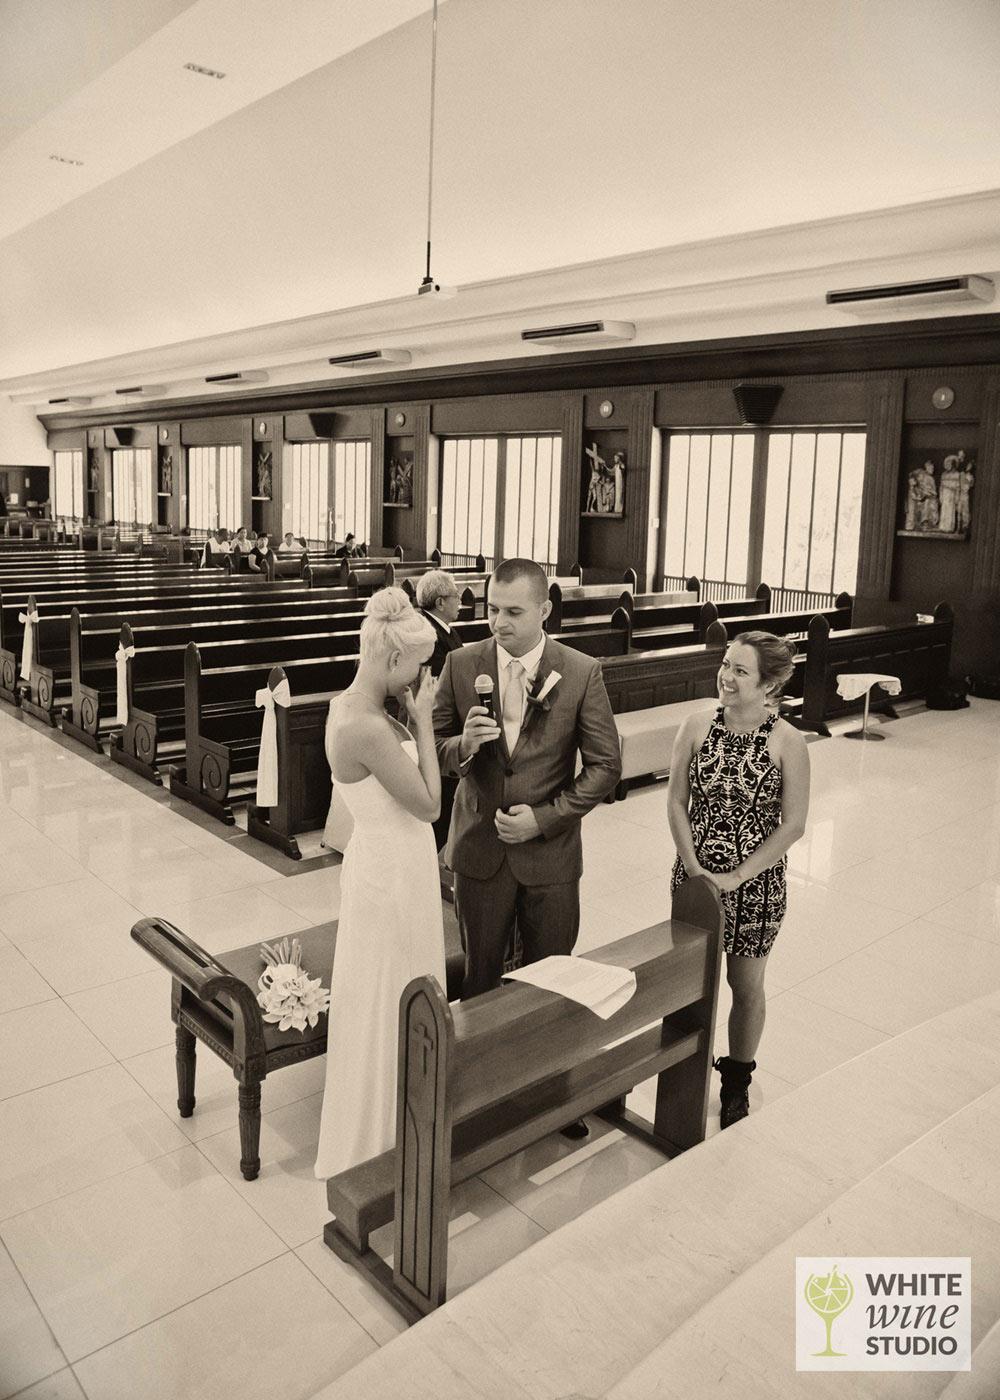 White-Wine-Studio_Wedding-Photography_Dawid-Markiewicz_29